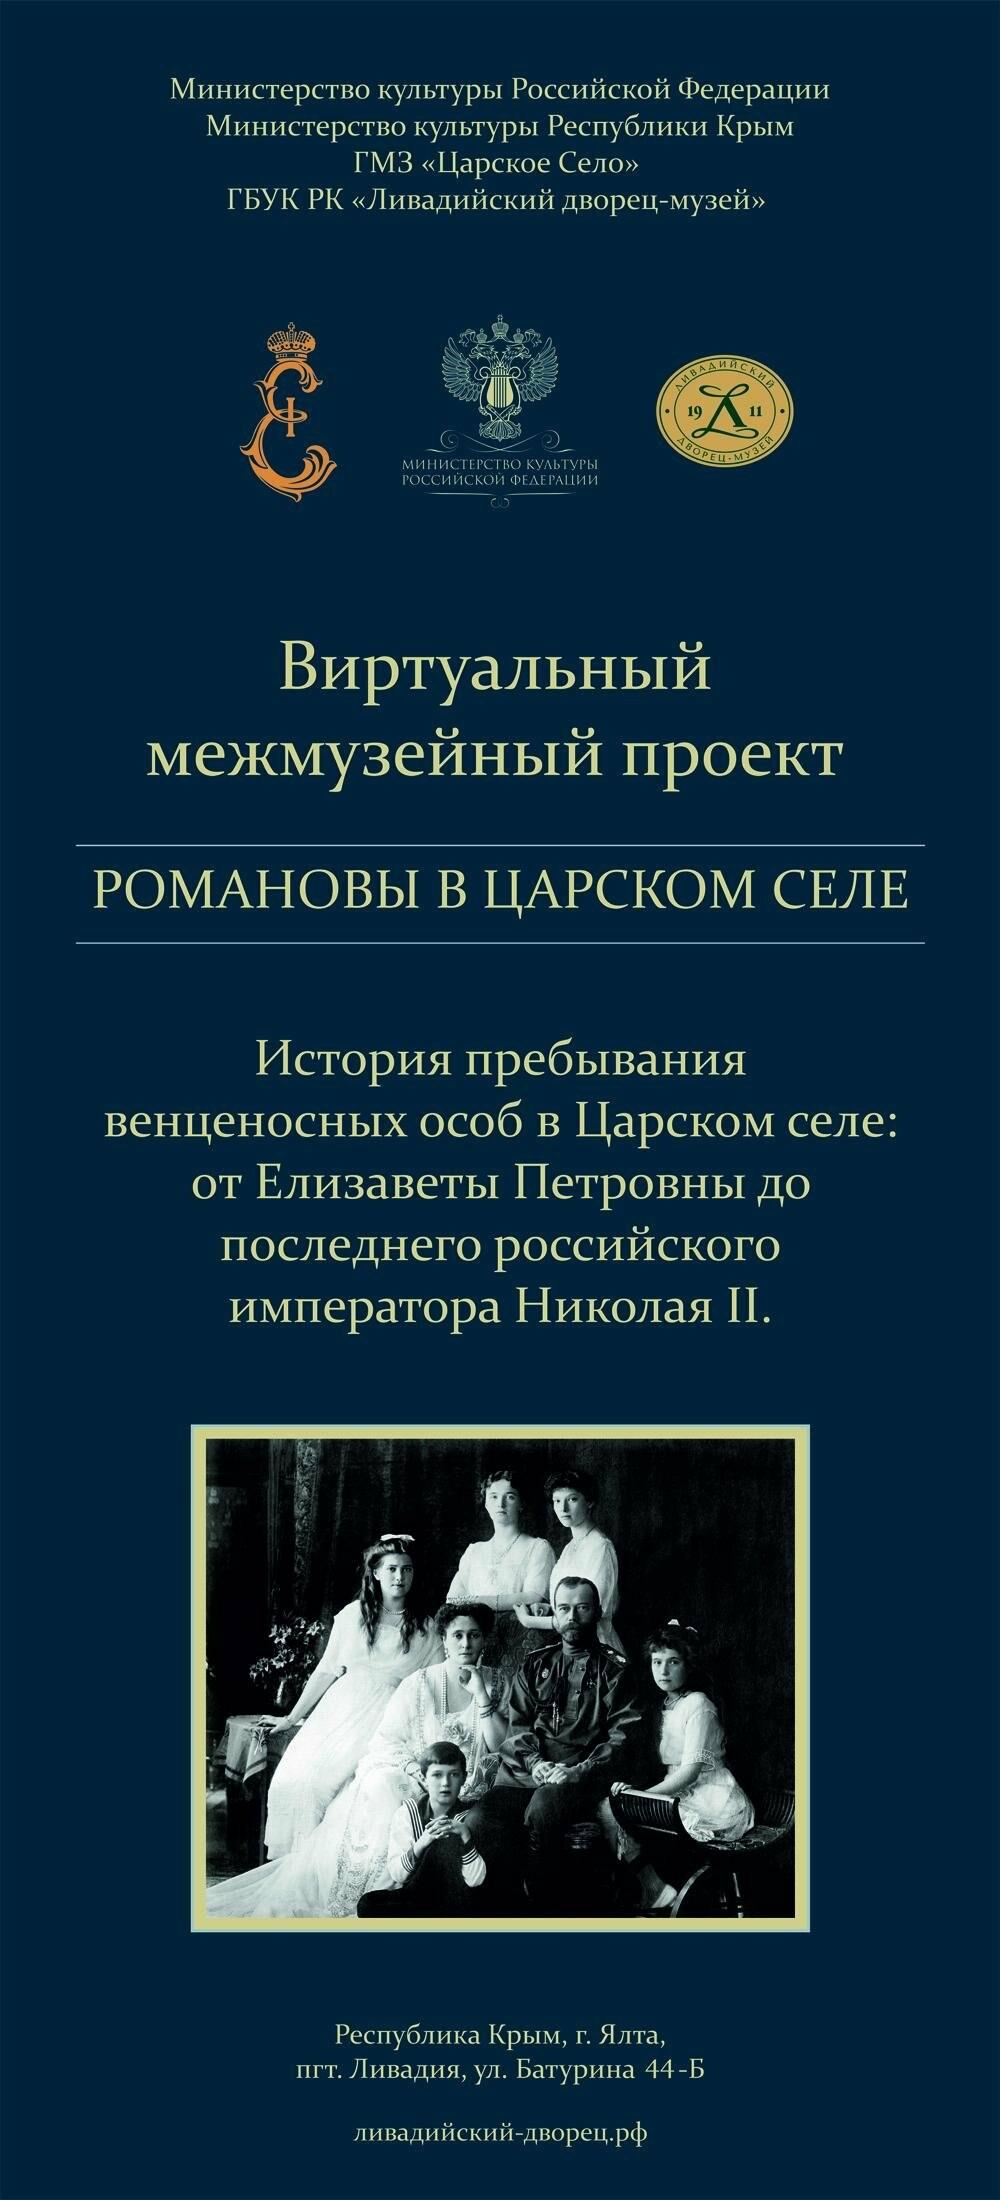 Ливадийский дворец представит межмузейный проект  «Романовы в Царском Селе», фото-1